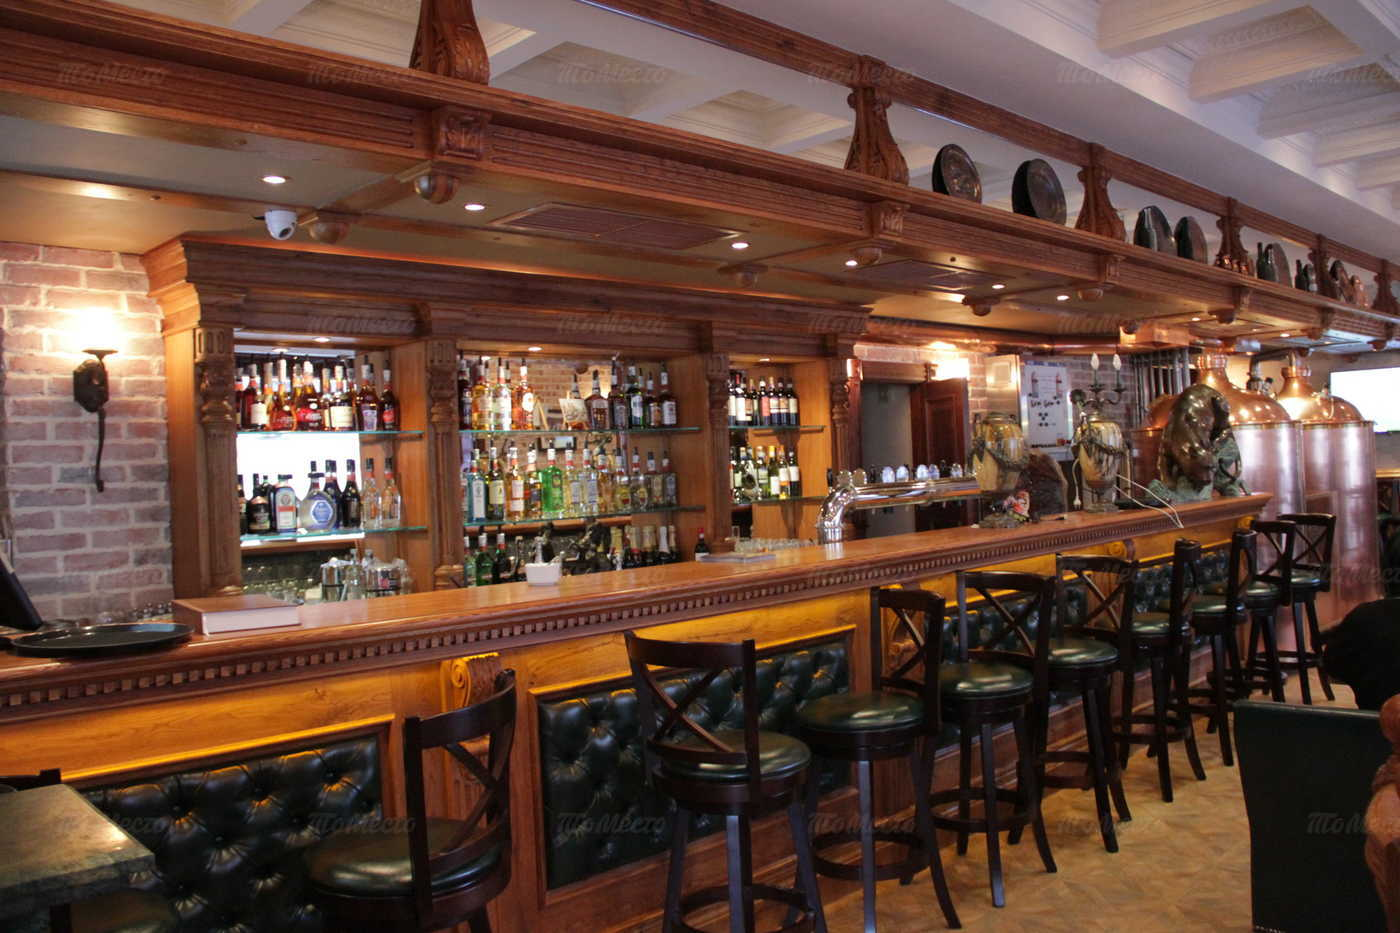 Меню бара, паба, пивного ресторана Бар, которого нет (бывш. Burik-Beer) на улице Белинского